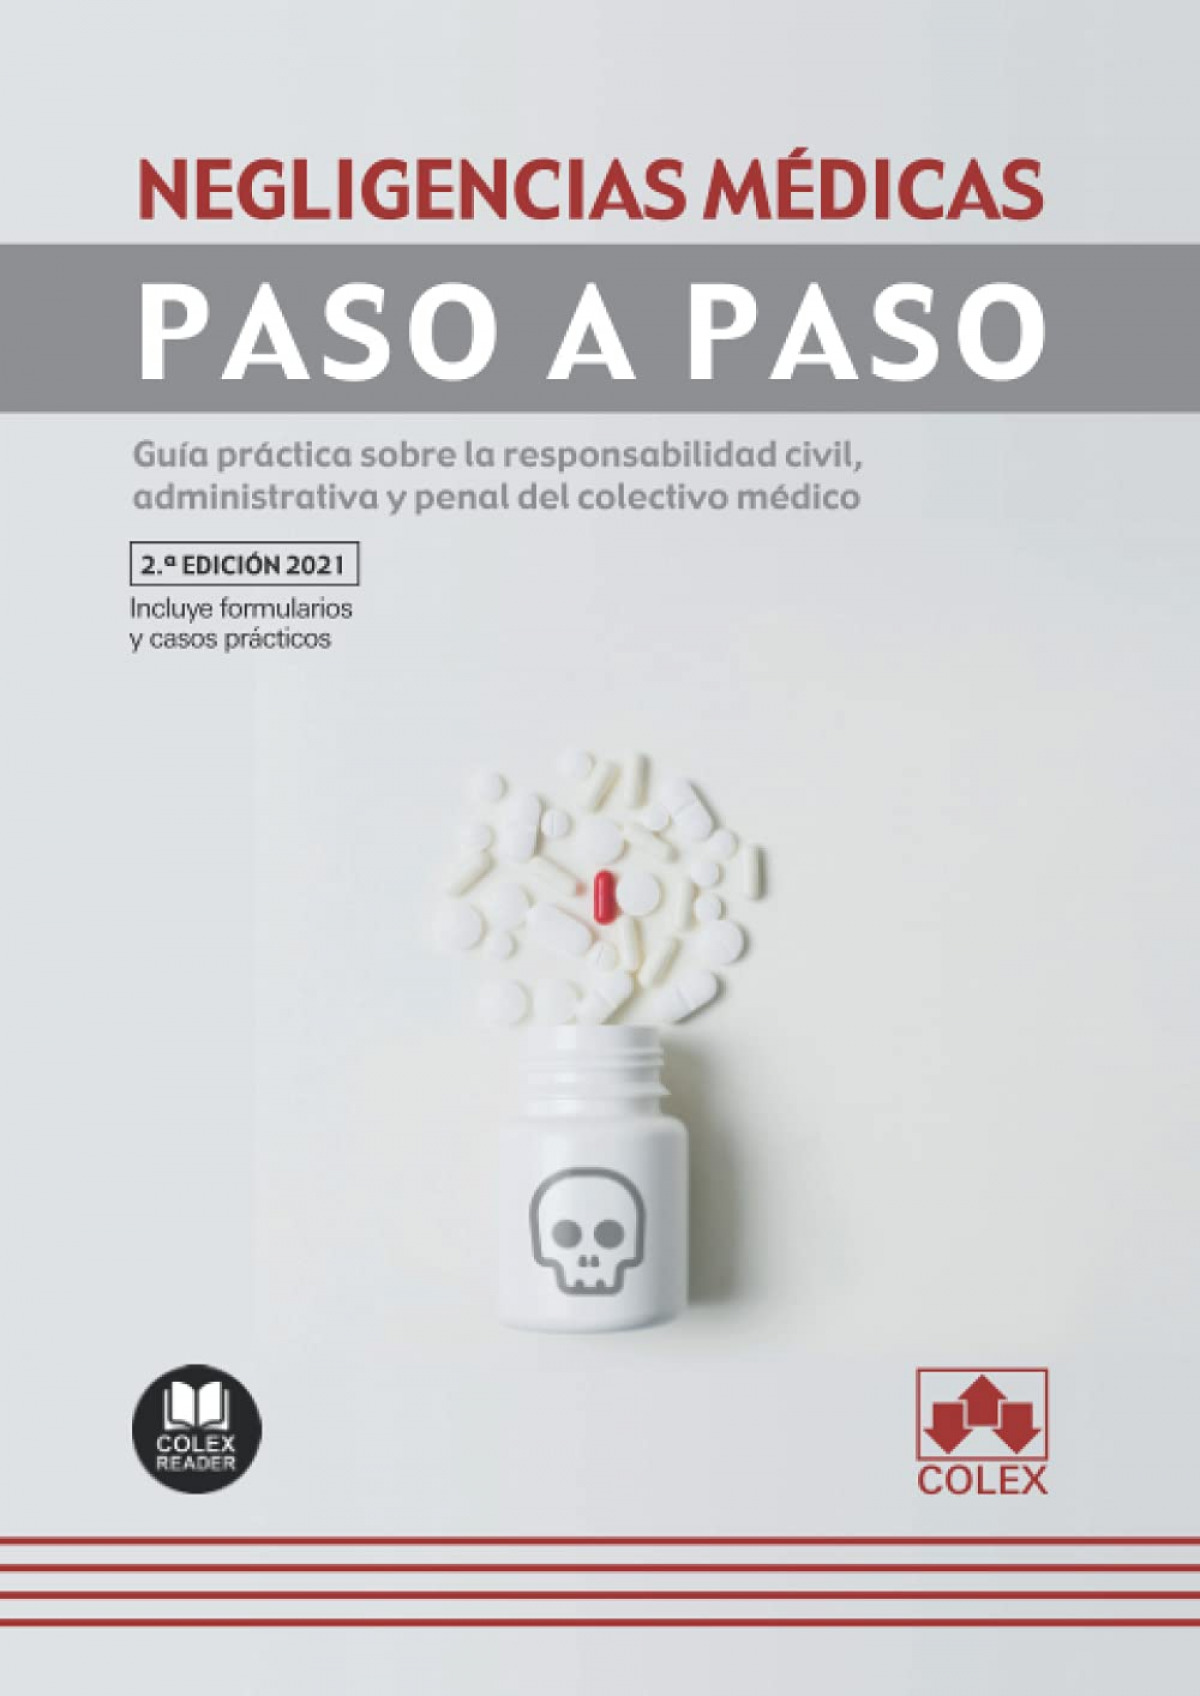 NEGLIGENCIAS MEDICAS. PASO A PASO. 2021